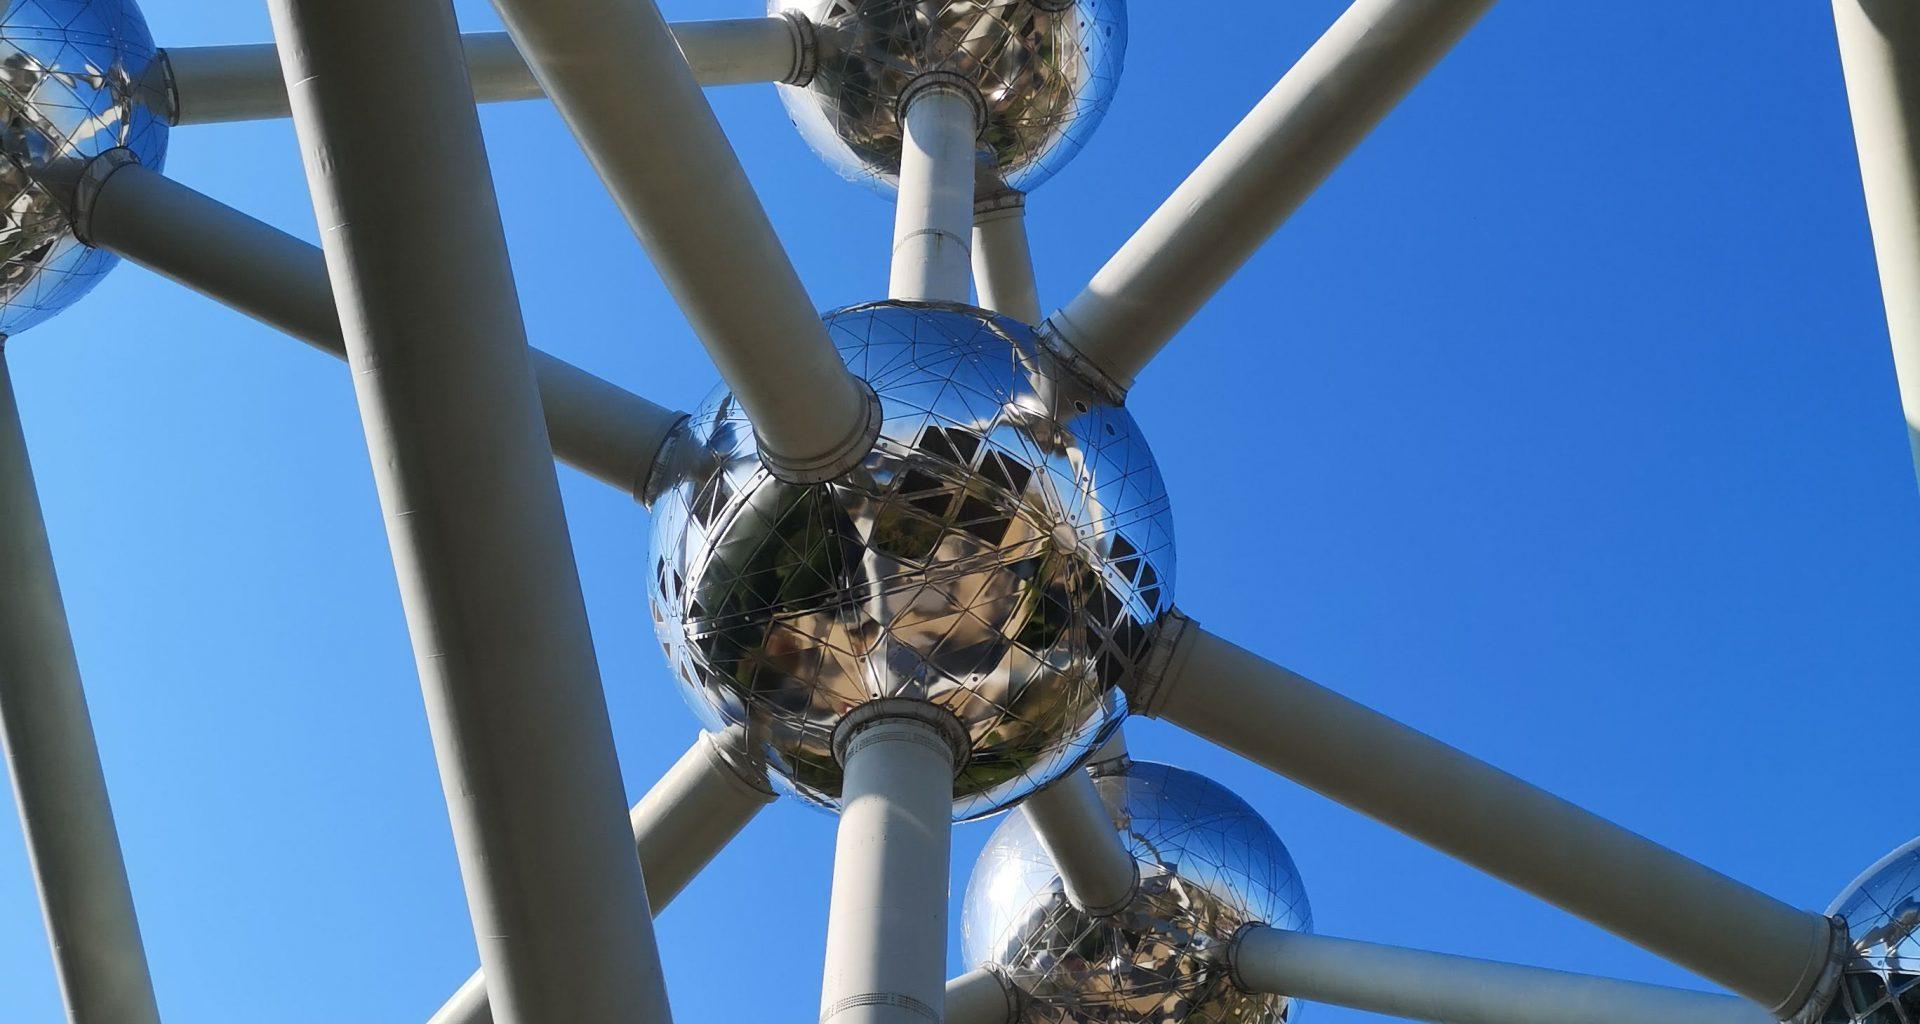 Dettaglio dell'Atomium